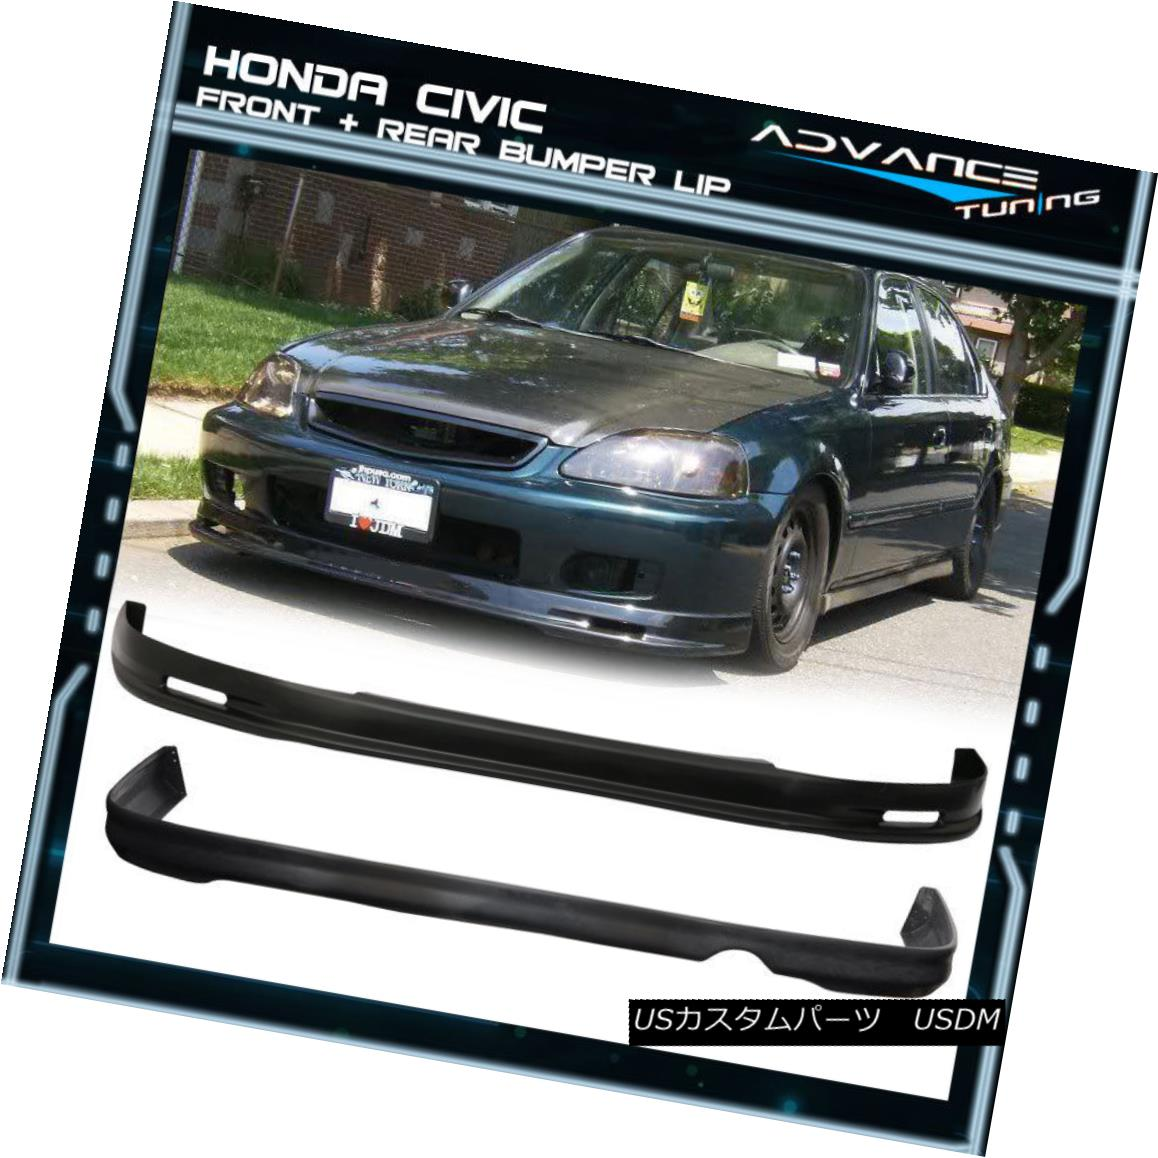 グリル Fits 99-00 Honda Civic EK 2 4Dr MG Front + Rear Bumper Lip Spoiler PP フィット99-00ホンダシビックEK 2 4Dr MGフロント+リアバンパーリップスポイラーPP